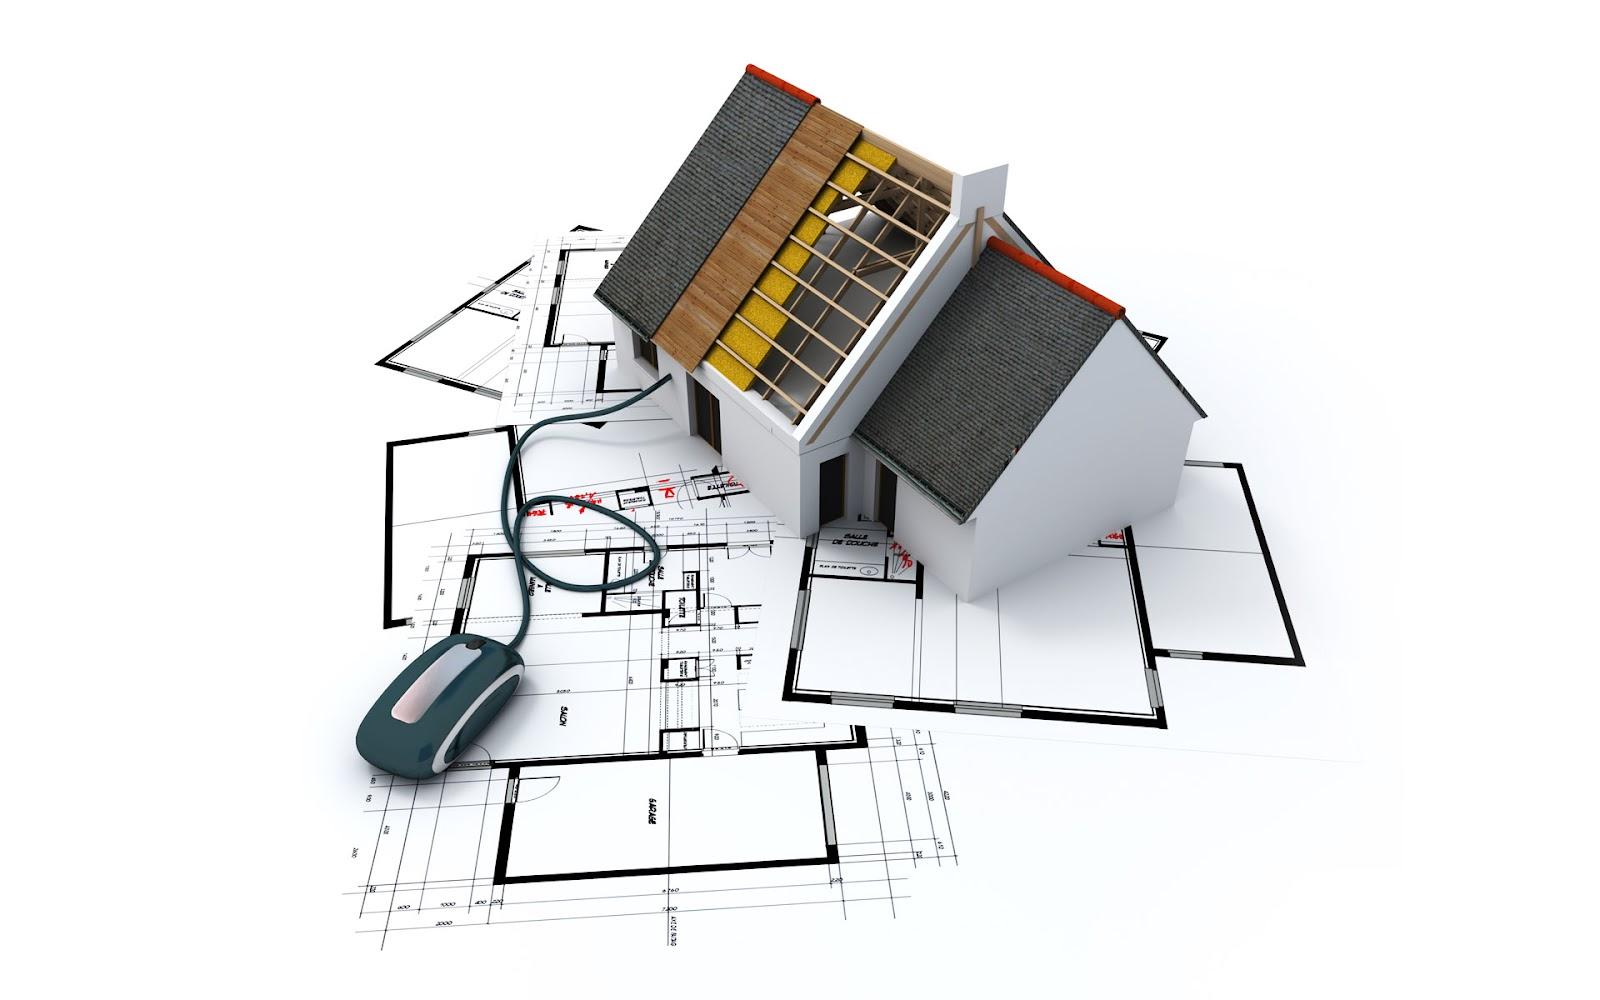 Các yêu cầu cơ bản về thiết kế kiến trúc cho không gian nhà